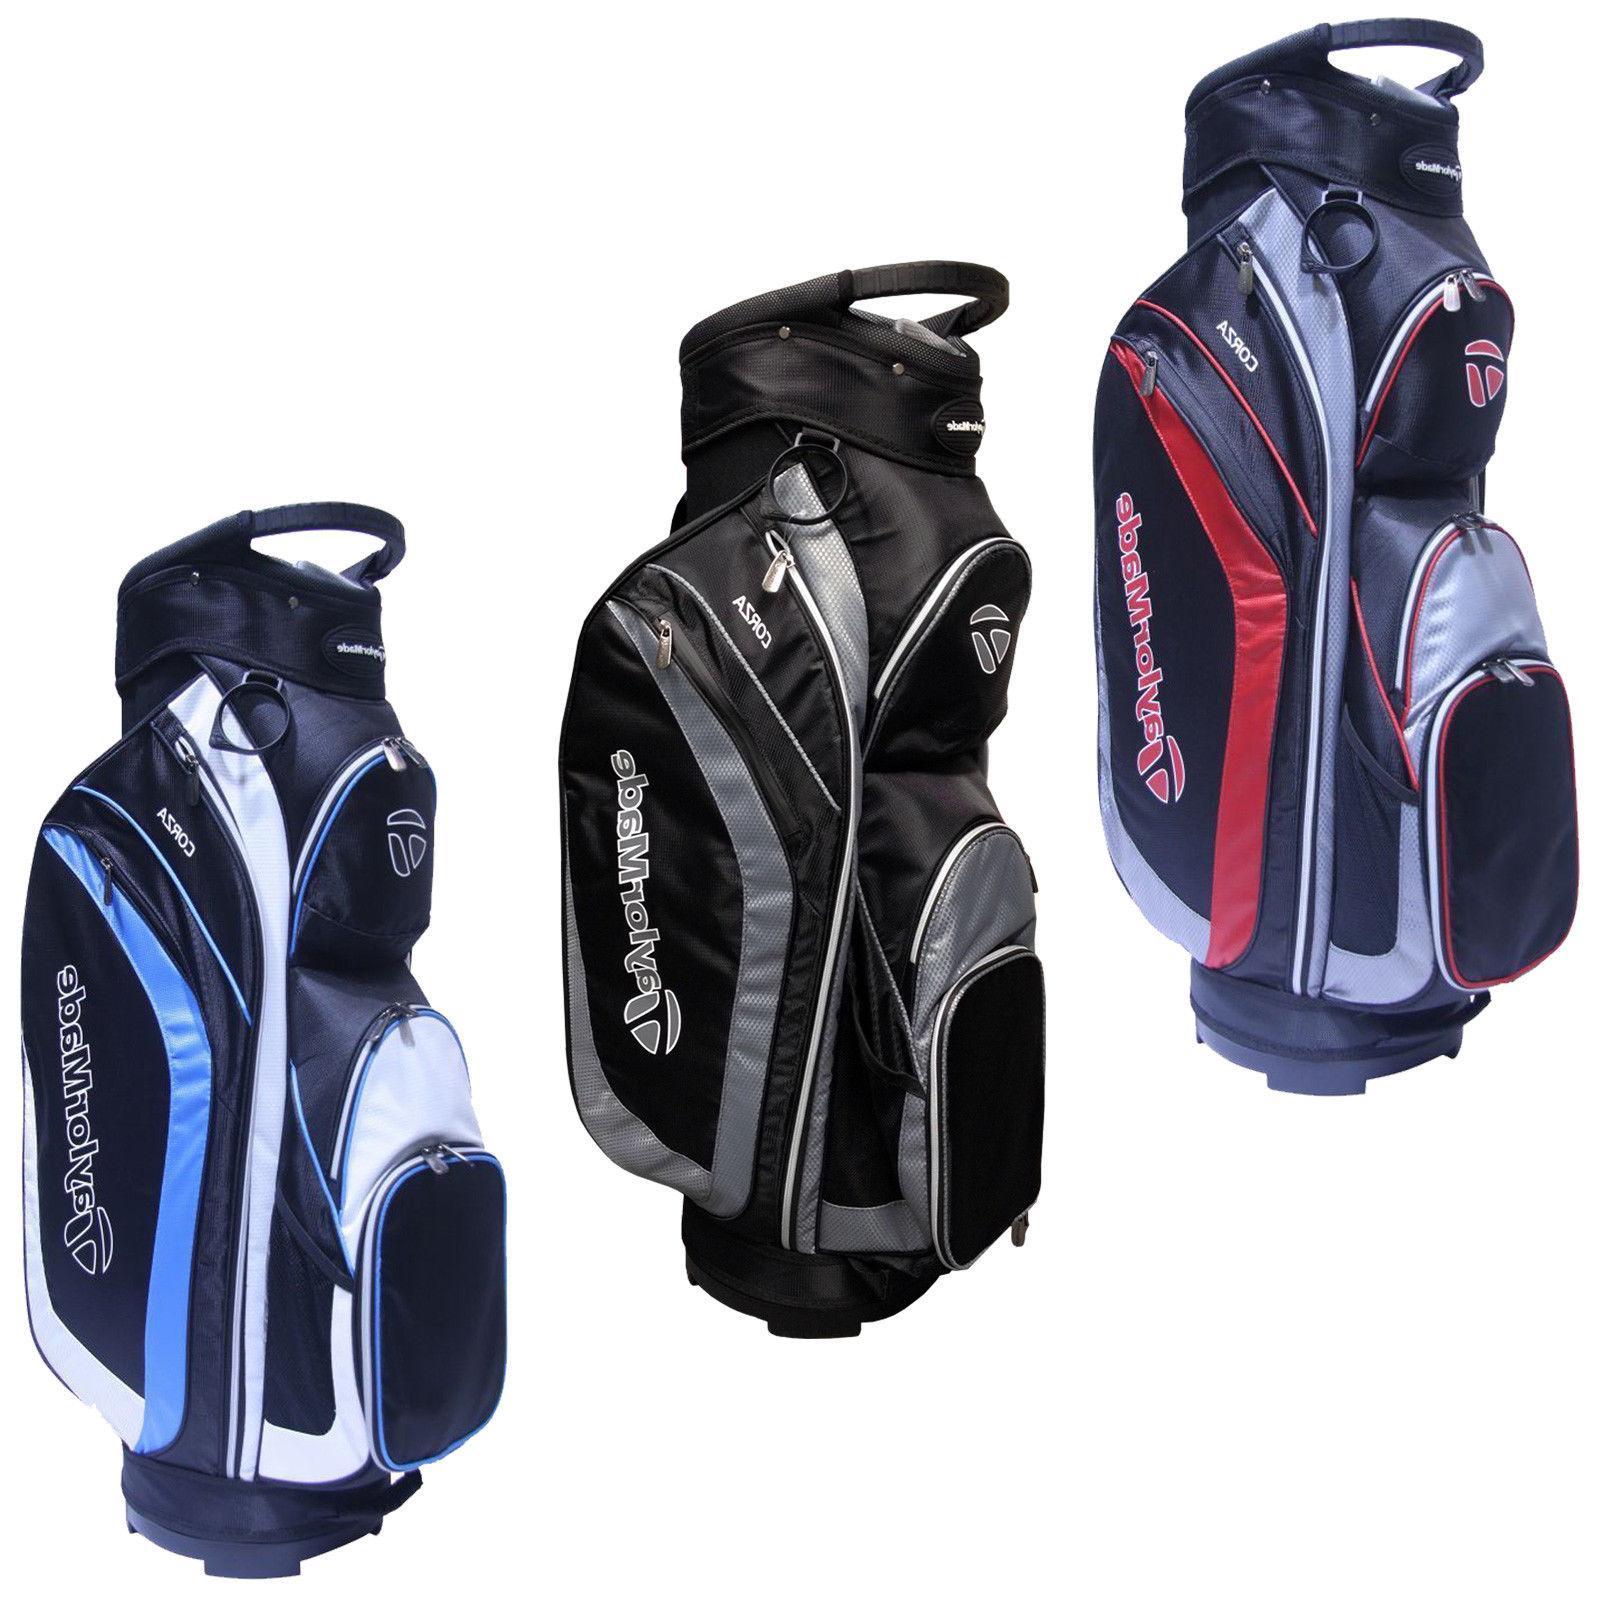 TaylorMade Mens Corza Cart Bag - New 14-Way Divider Top Golf